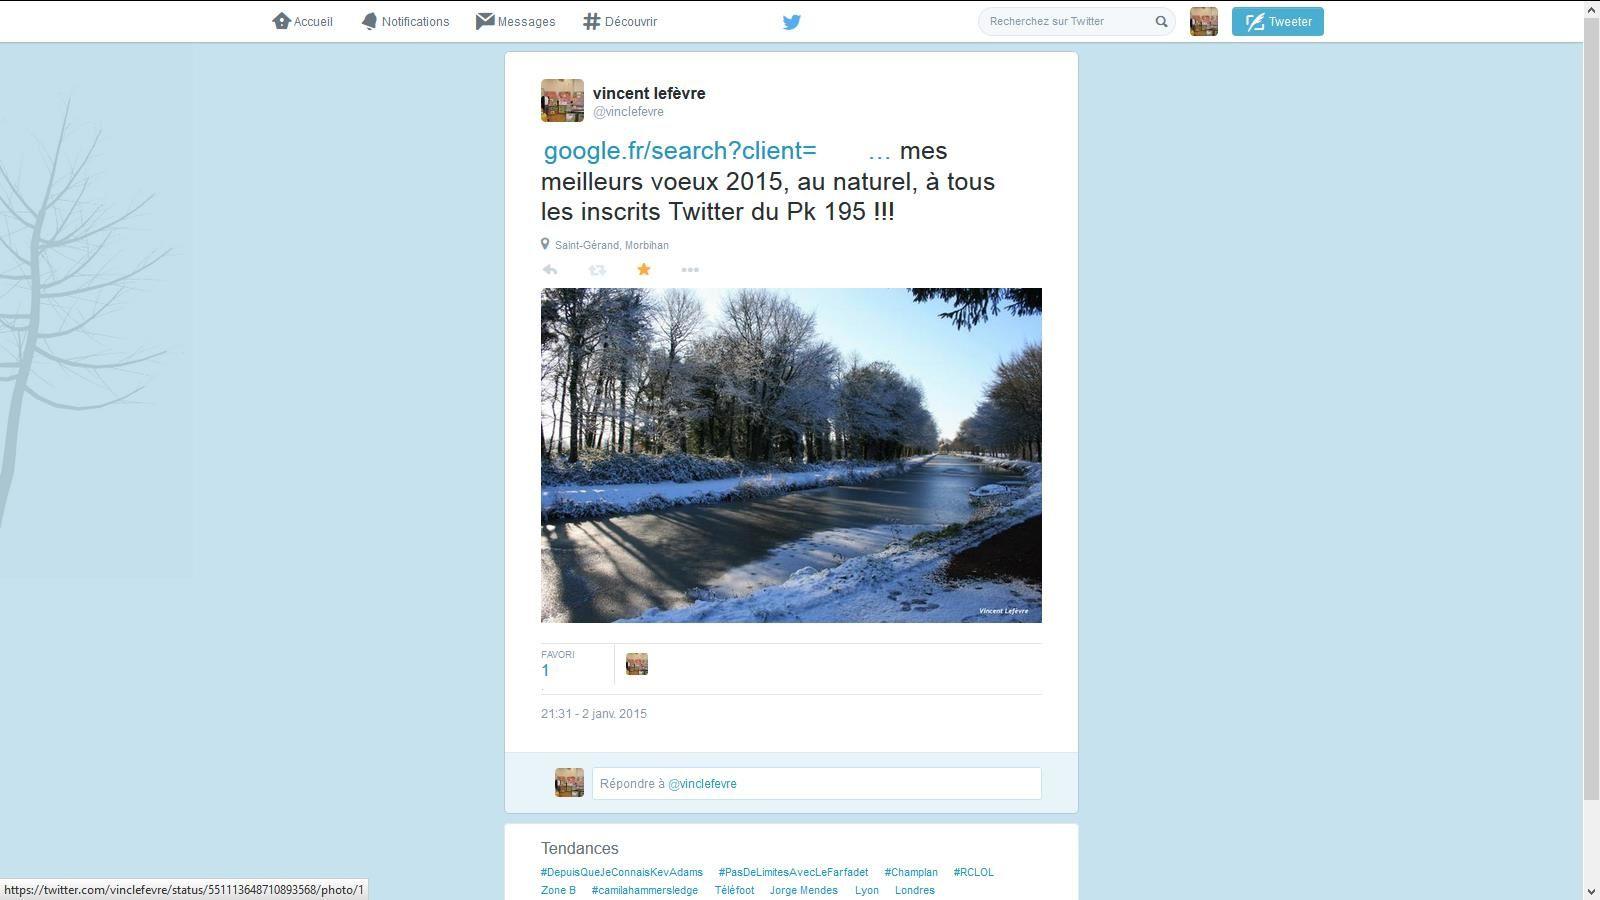 """Twitter, un média utille pour optimiser une """" éventuelle volonté collective """" de rayonnement géographique...."""